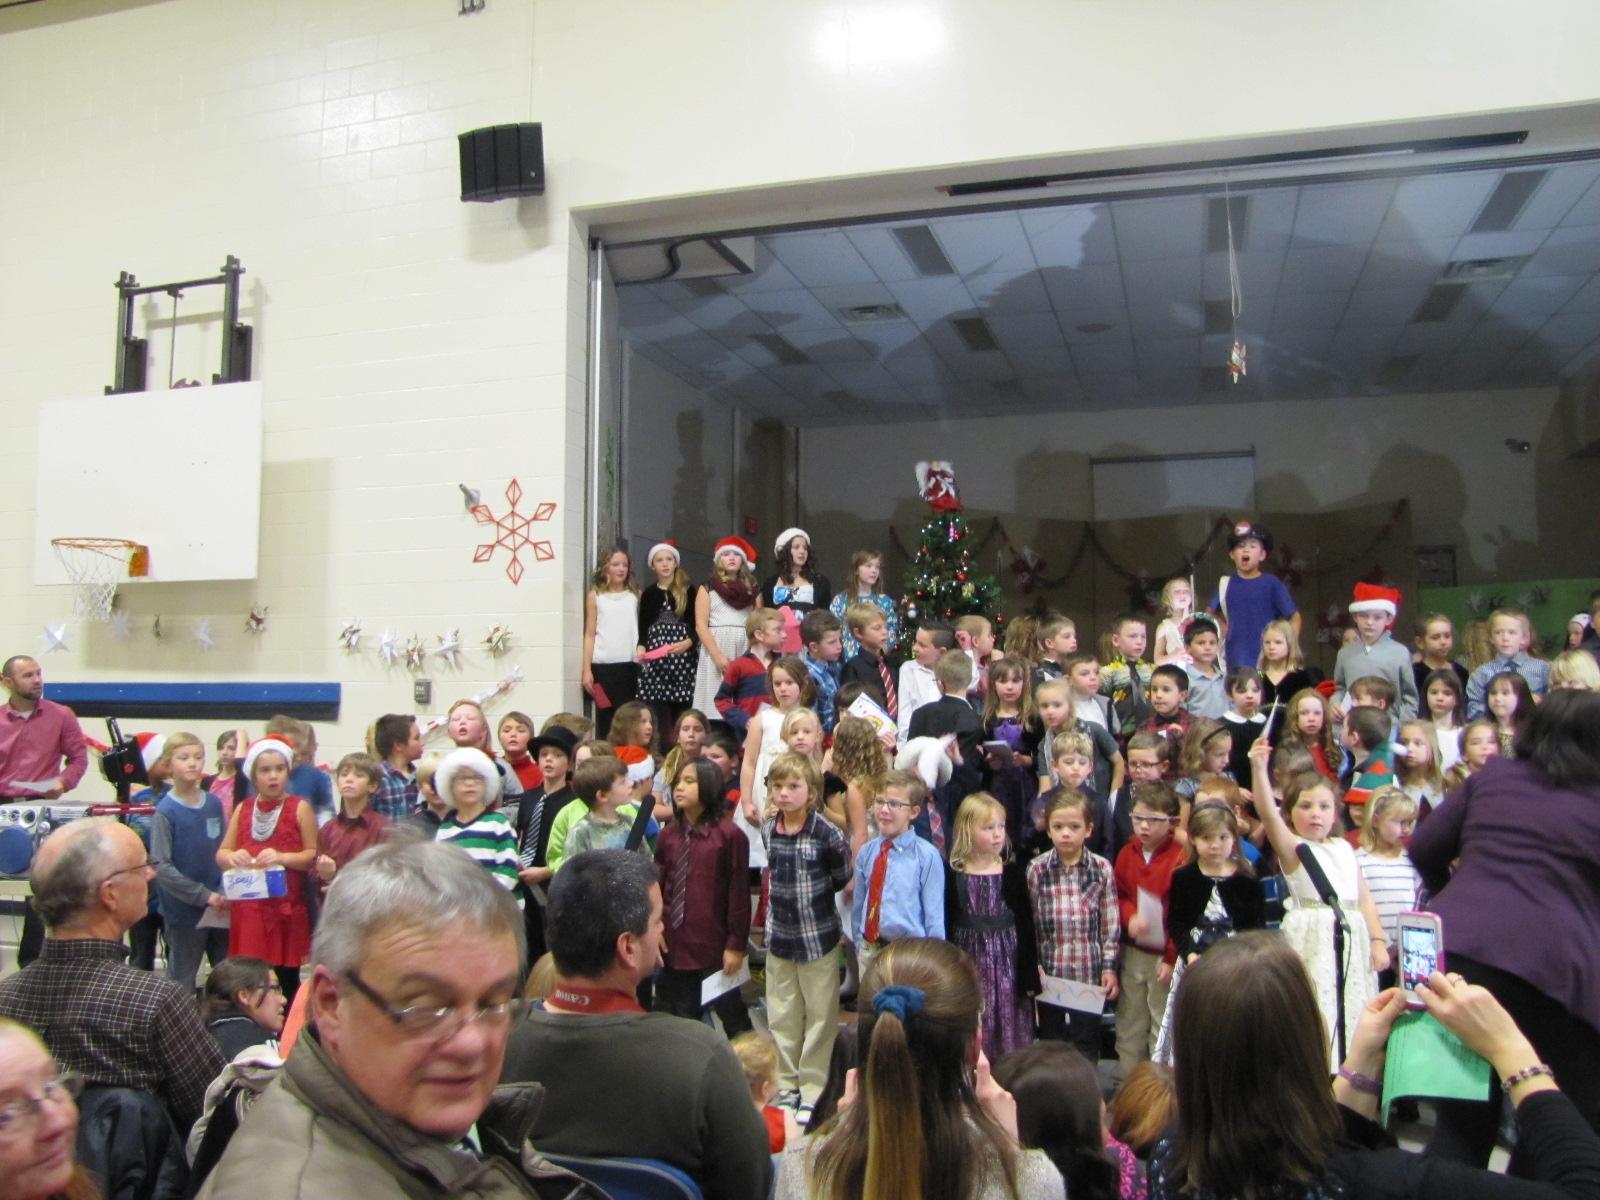 2014-12-17 TV School Christmas Concert 023